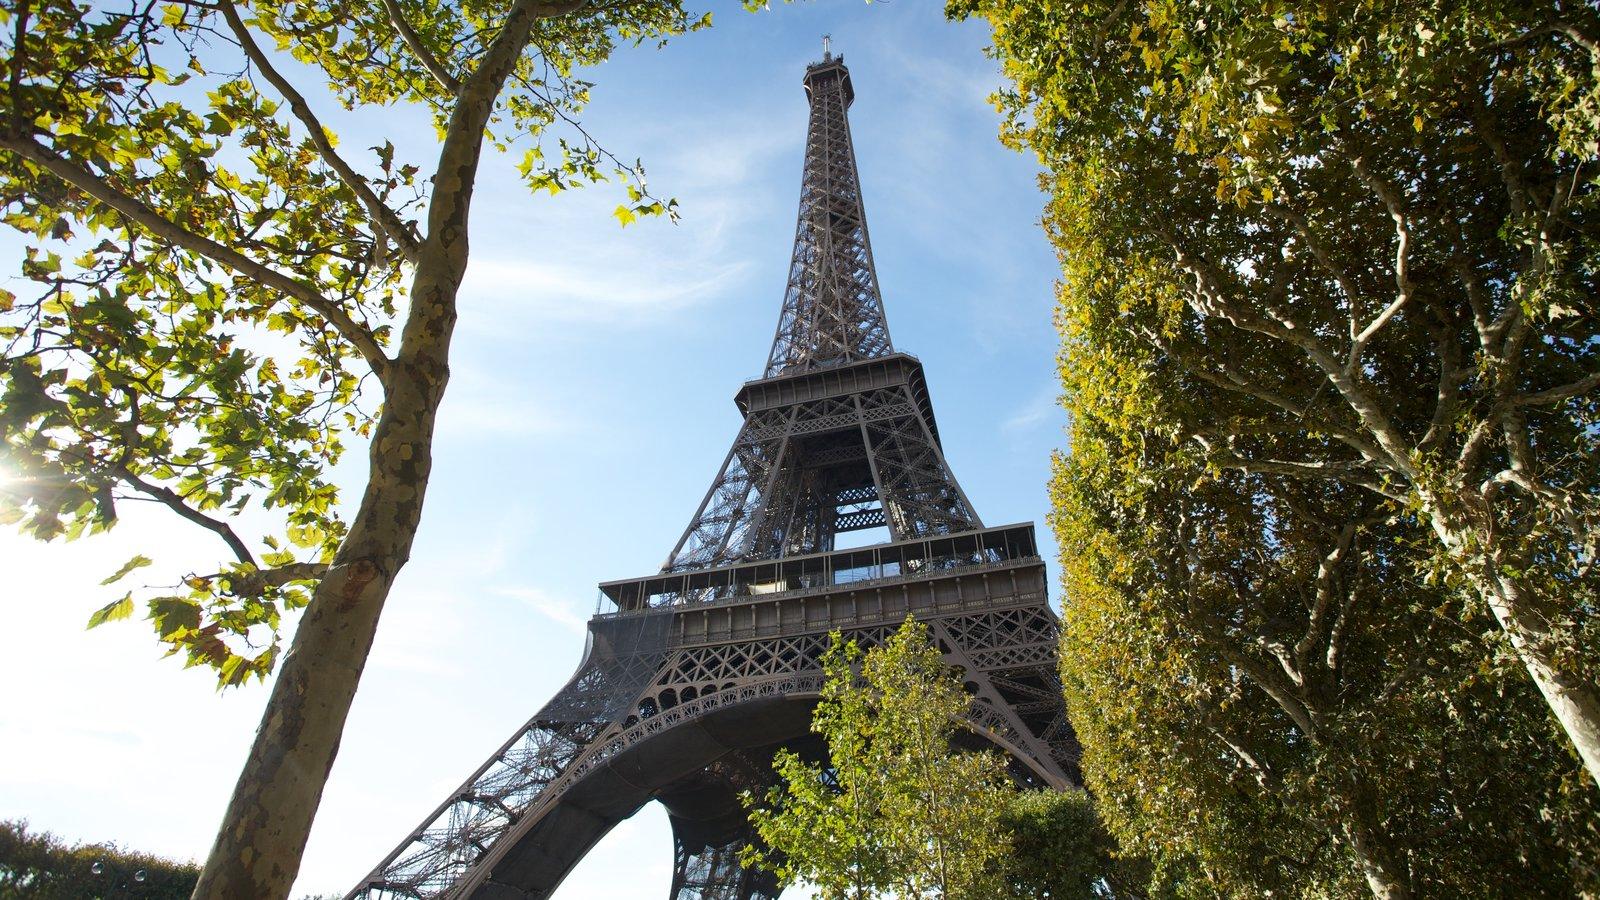 Torre Eiffel caracterizando um monumento, uma cidade e arquitetura de patrimônio